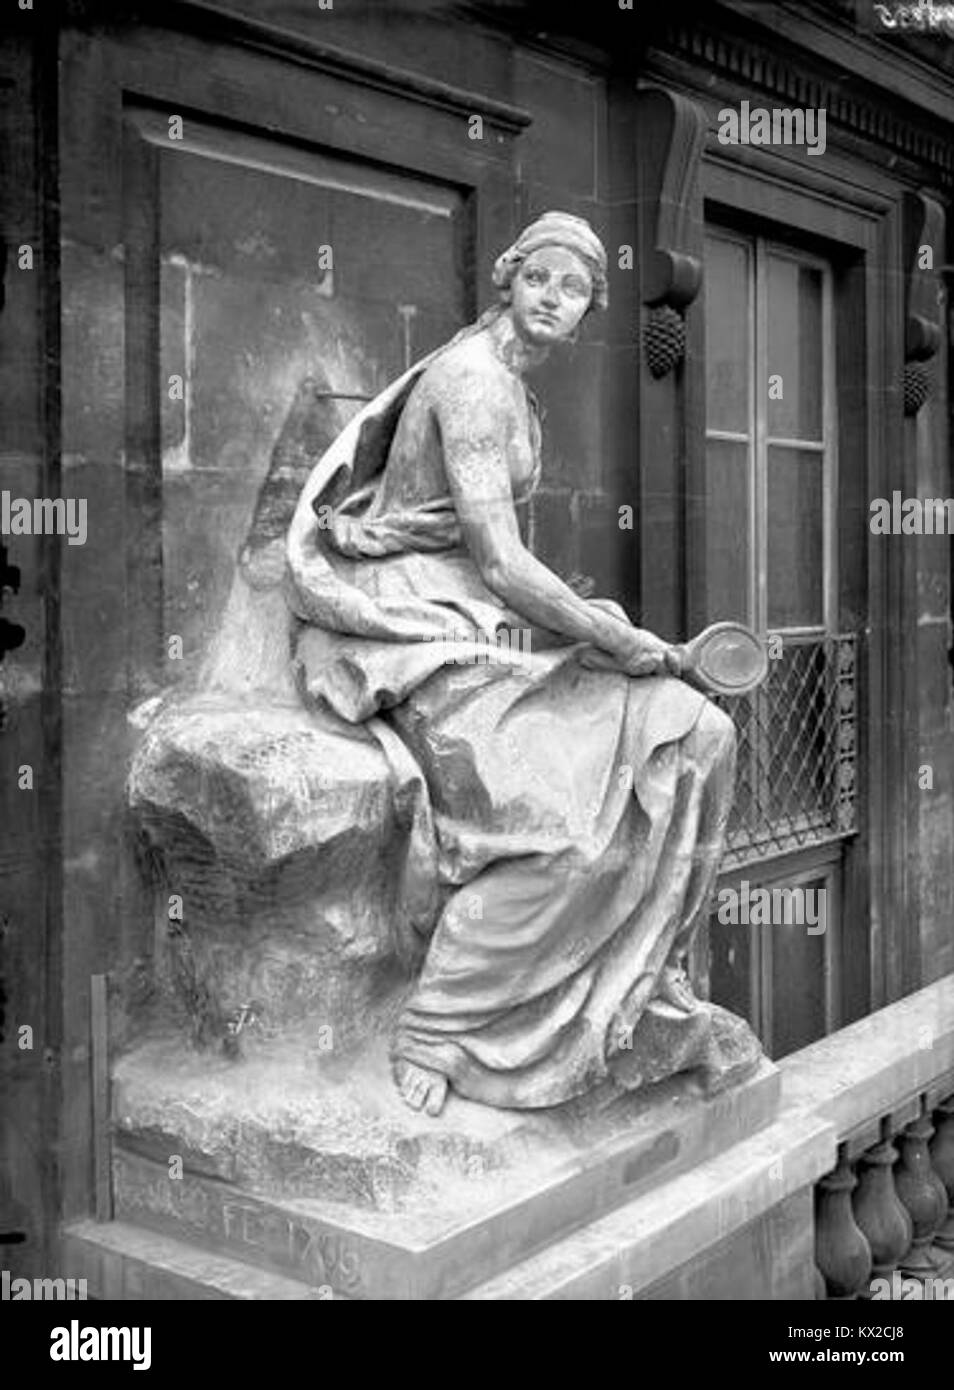 Domaine national du Palais-Royal - Cour d'honneur, façade nord, statue allégorique de la prudence - Stock Image